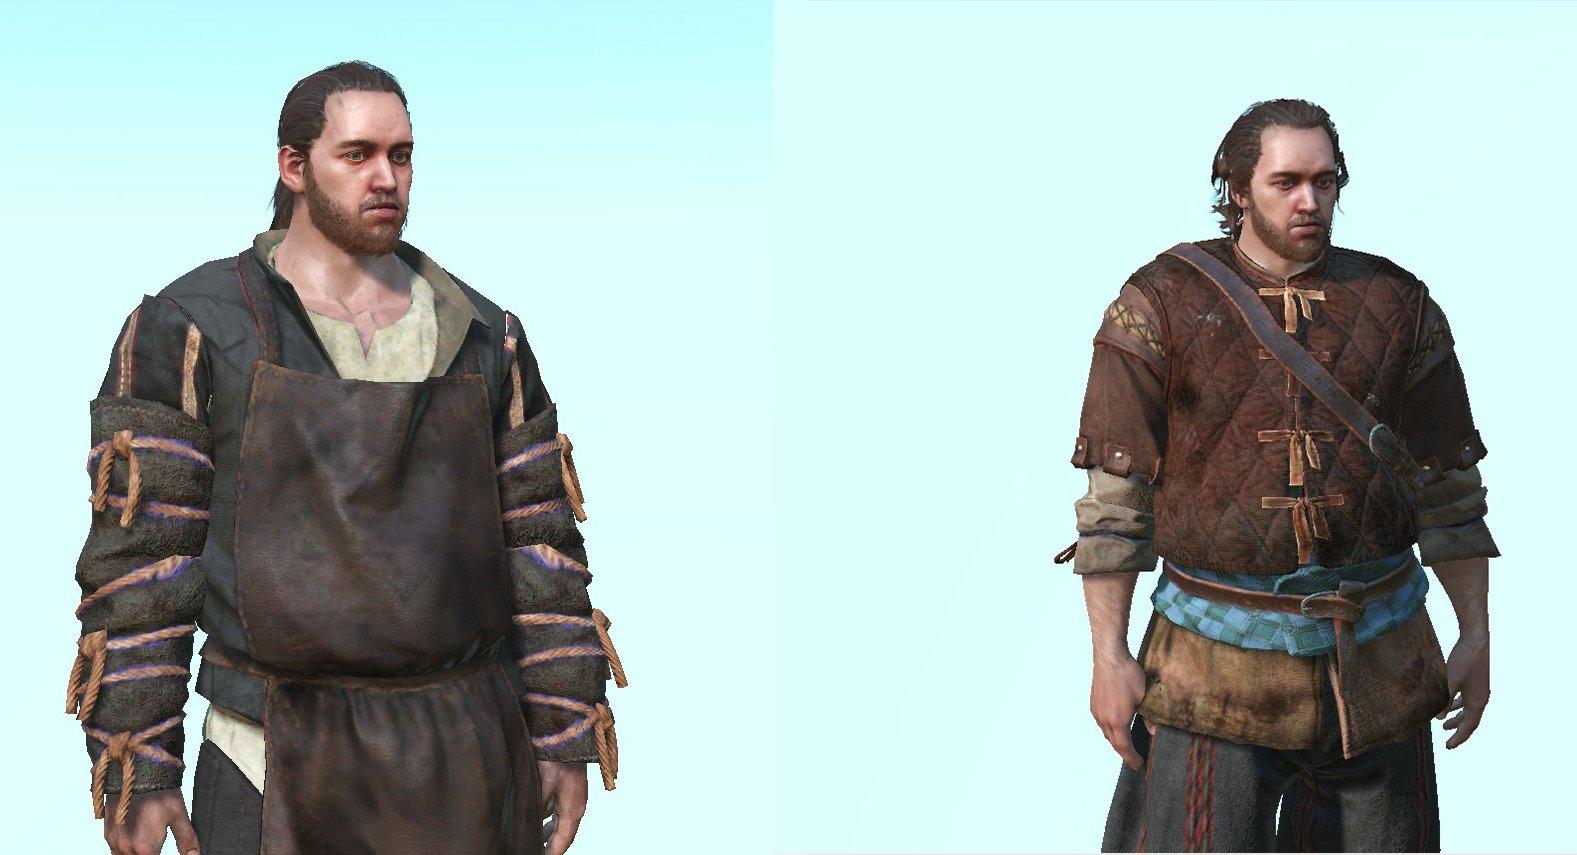 Геймер с мигренями стал персонажем «Ведьмака 3»   Фанат «Ведьмака», страдающий хроническими мигренями, стал персонаж .... - Изображение 2